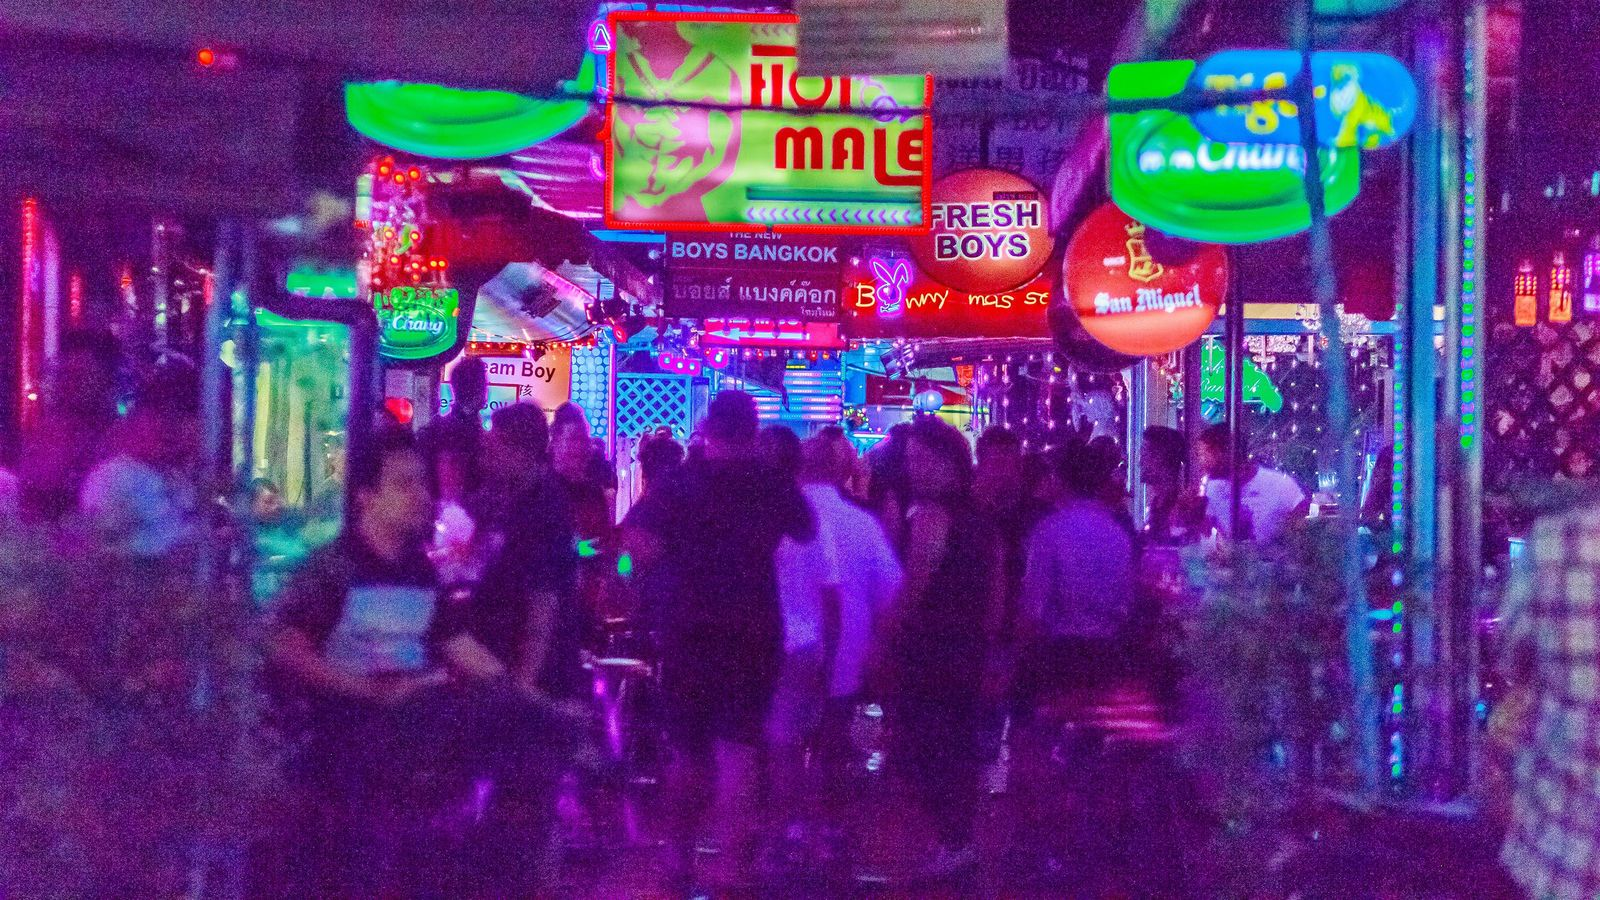 「完全非合法」タイのストリップバーに出演した日本人踊り子の思い 観光客向けの余興でしかないが…